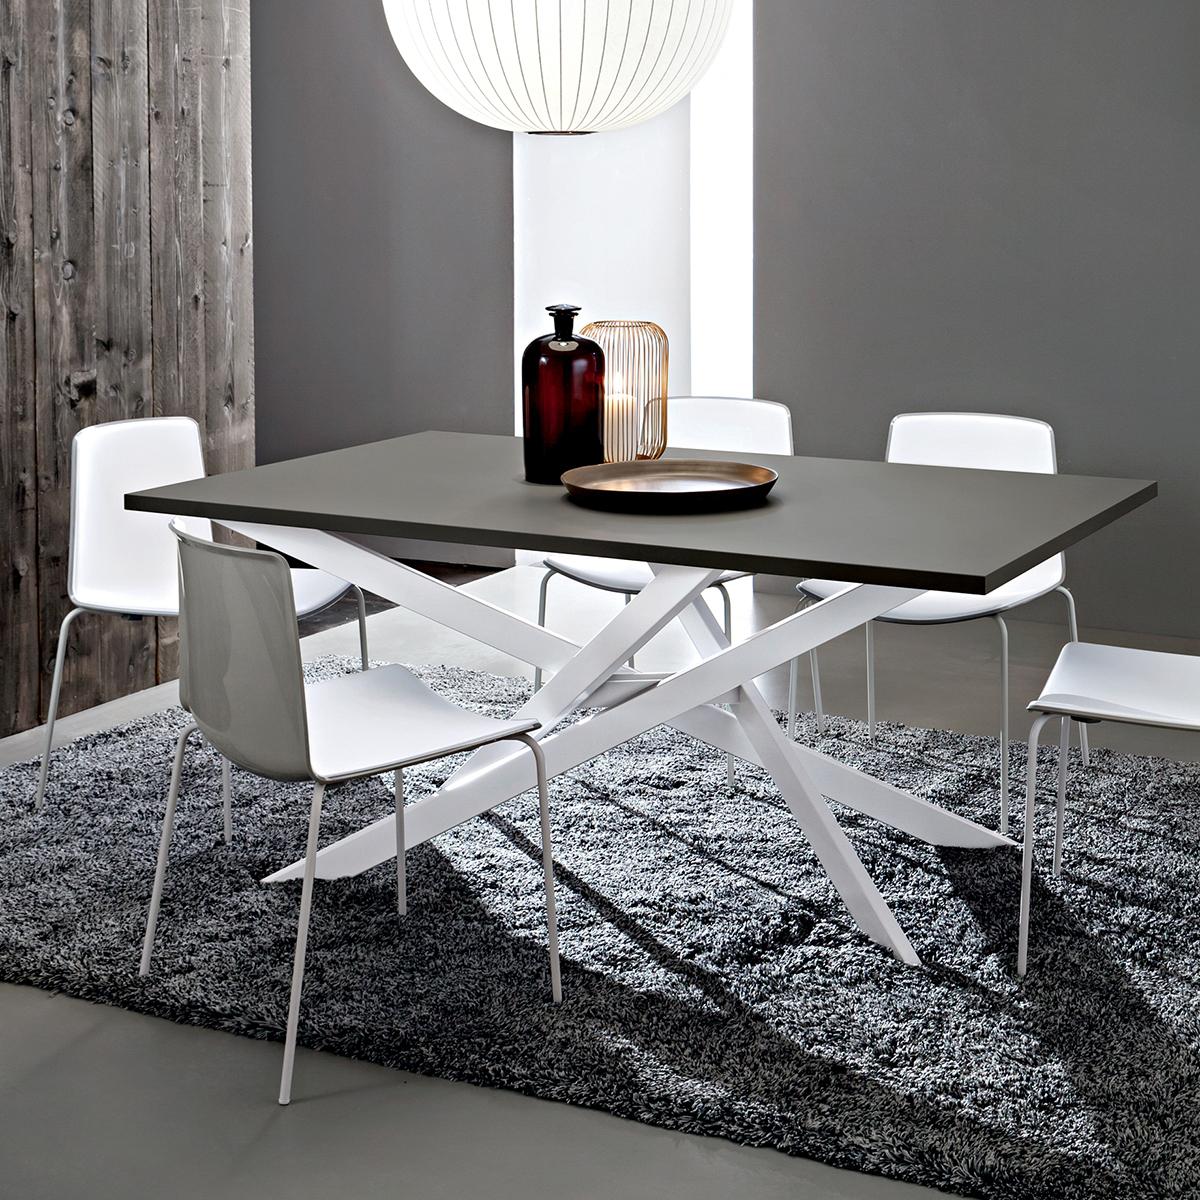 Renzo tavolo design accattivante con gambe incrociate for Tavoli da design